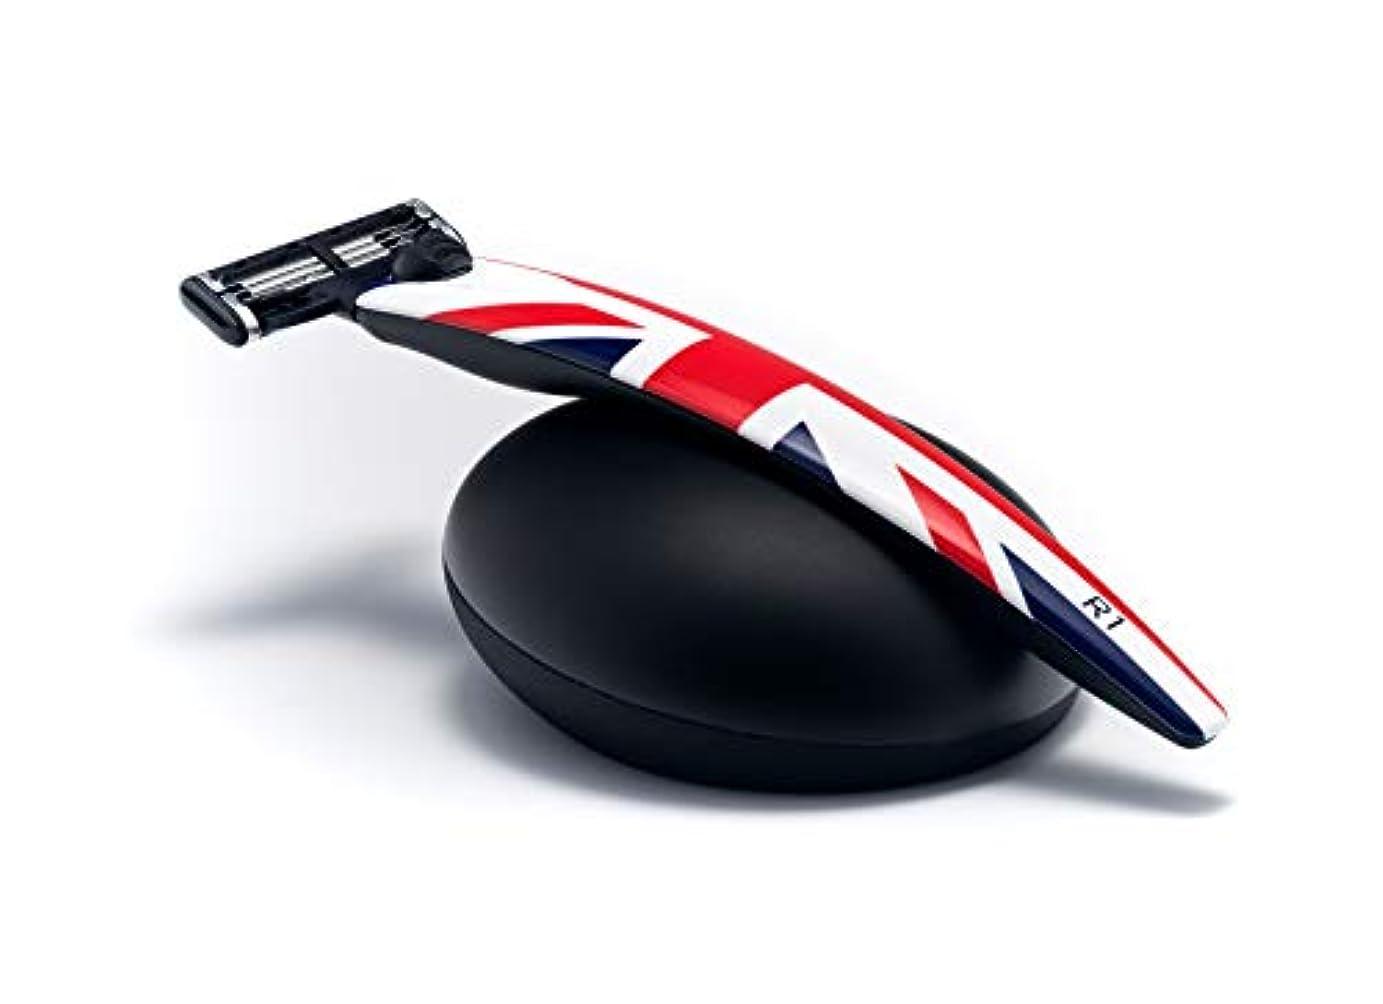 単独でなんとなく勇気イギリス BolinWebb カミソリ 名車と同じ塗装を施した プレミアムシェーバー R1 Jack ギフトセット モデル 替刃はジレット 3枚刃 マッハ3 に対応